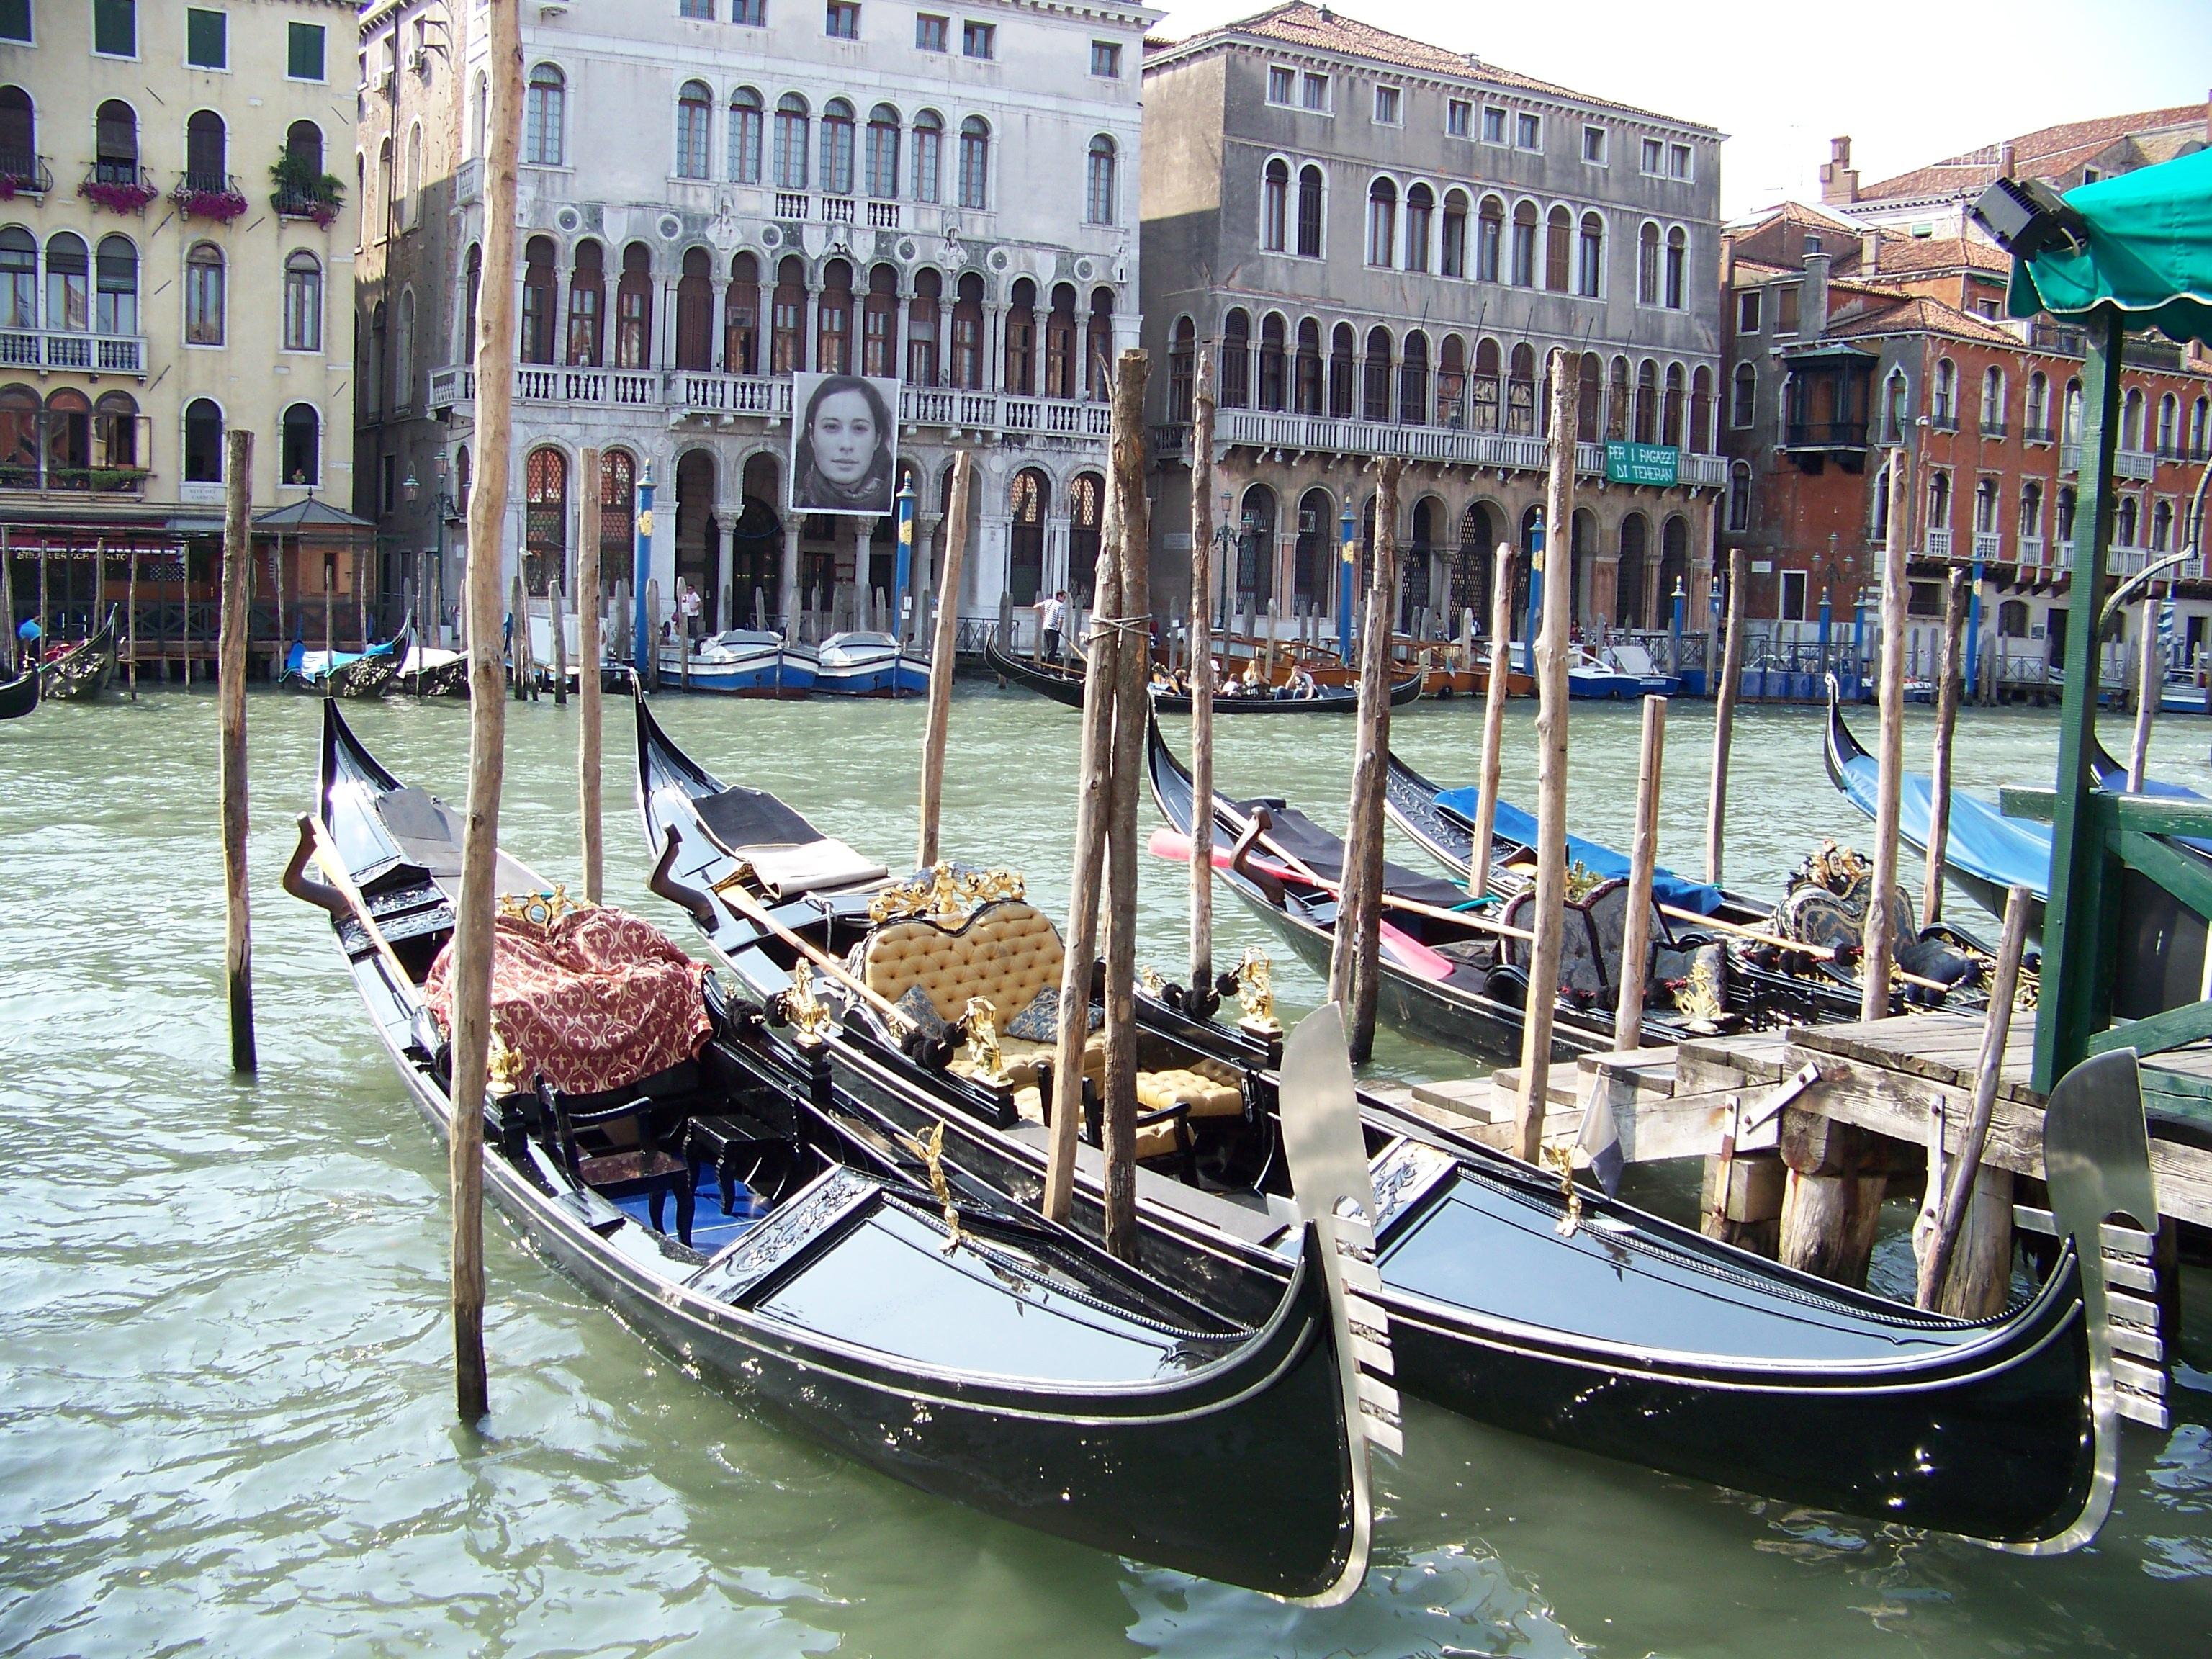 фотографии, фото венецианской гондолы угрей